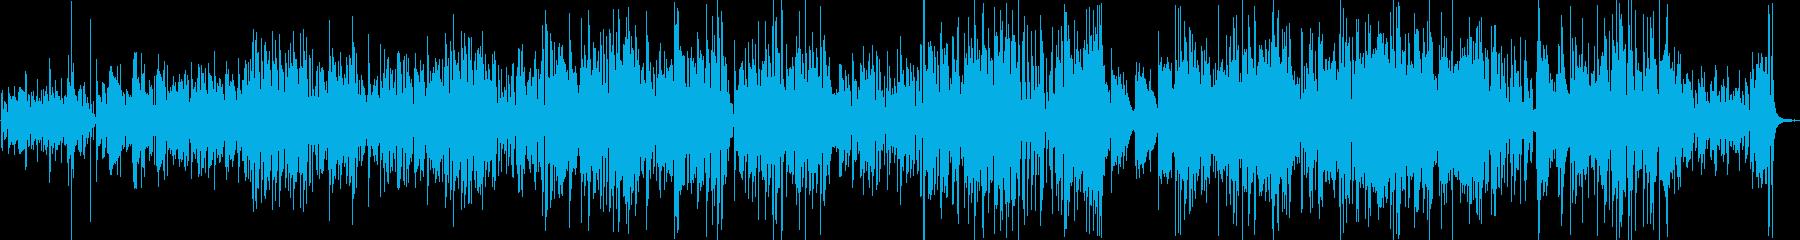 バサノバ アクティブ 明るい ゆっ...の再生済みの波形